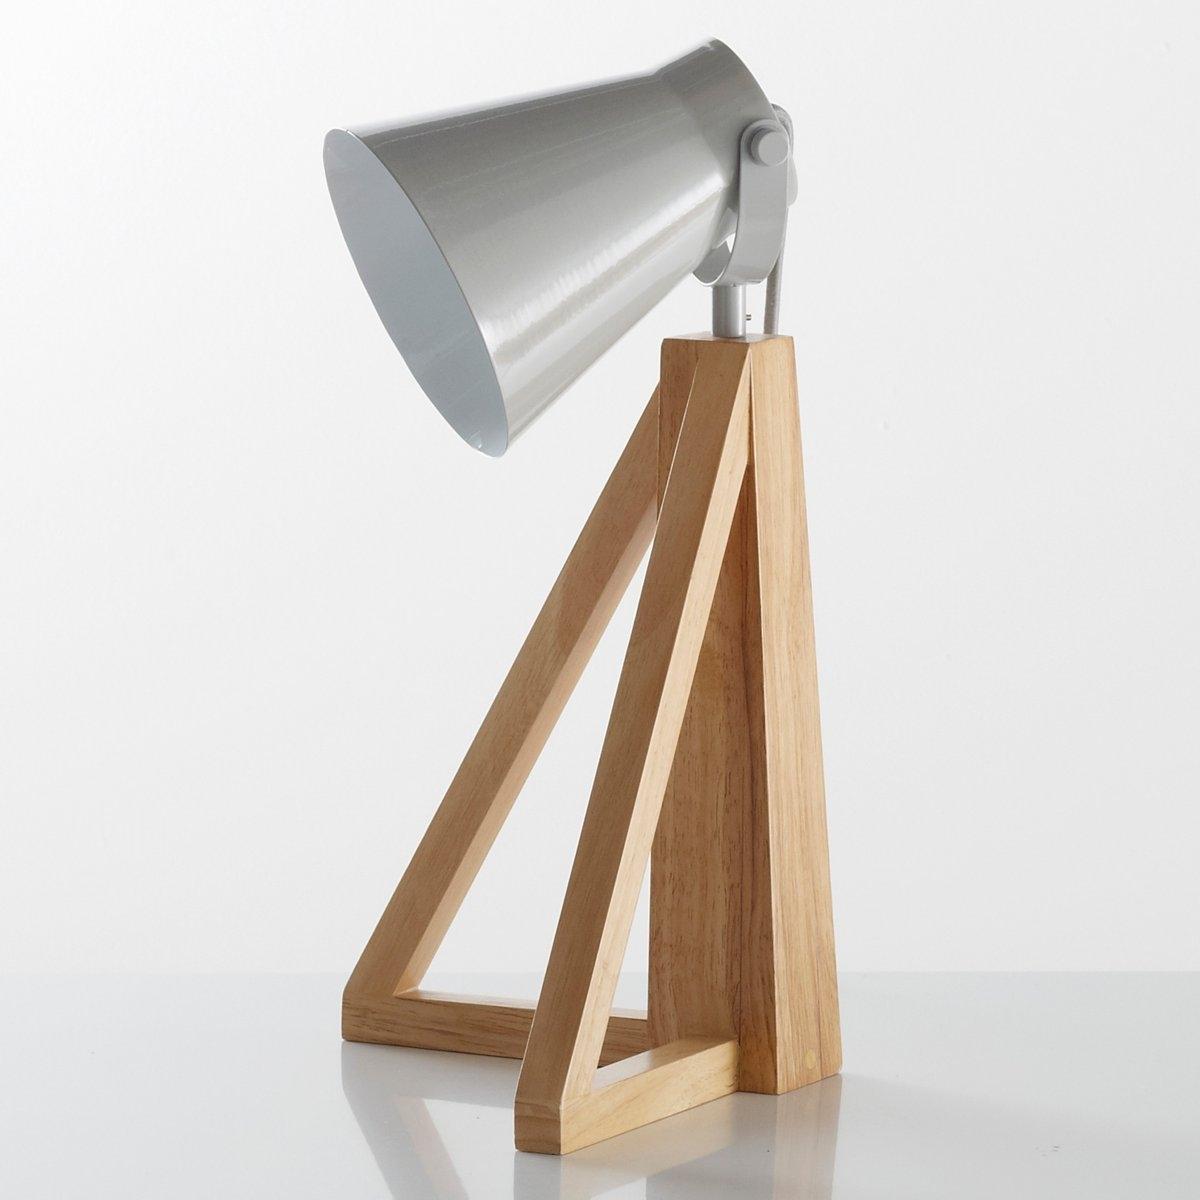 Лампа настольная, LidaЛампа настольная, Lida . Оригинальный и современный стиль, с использованием дерева и металла .Описание лампы, Lida :Патрон E14 для лампочки 11W (не входит в комплект)  Кабель из серого текстиля длина 1,95 м .Этот светильник совместим с лампочками    энергетического класса    : AХарактеристики лампы, Lida :Ножка из гельвеи.Абажур из металла с эпоксидным покрытием Всю коллекцию светильников вы можете найти на сайте laredoute..Размеры лампы, Lida :Диаметр : 27 смВысота : 43 см.<br><br>Цвет: серый,черный